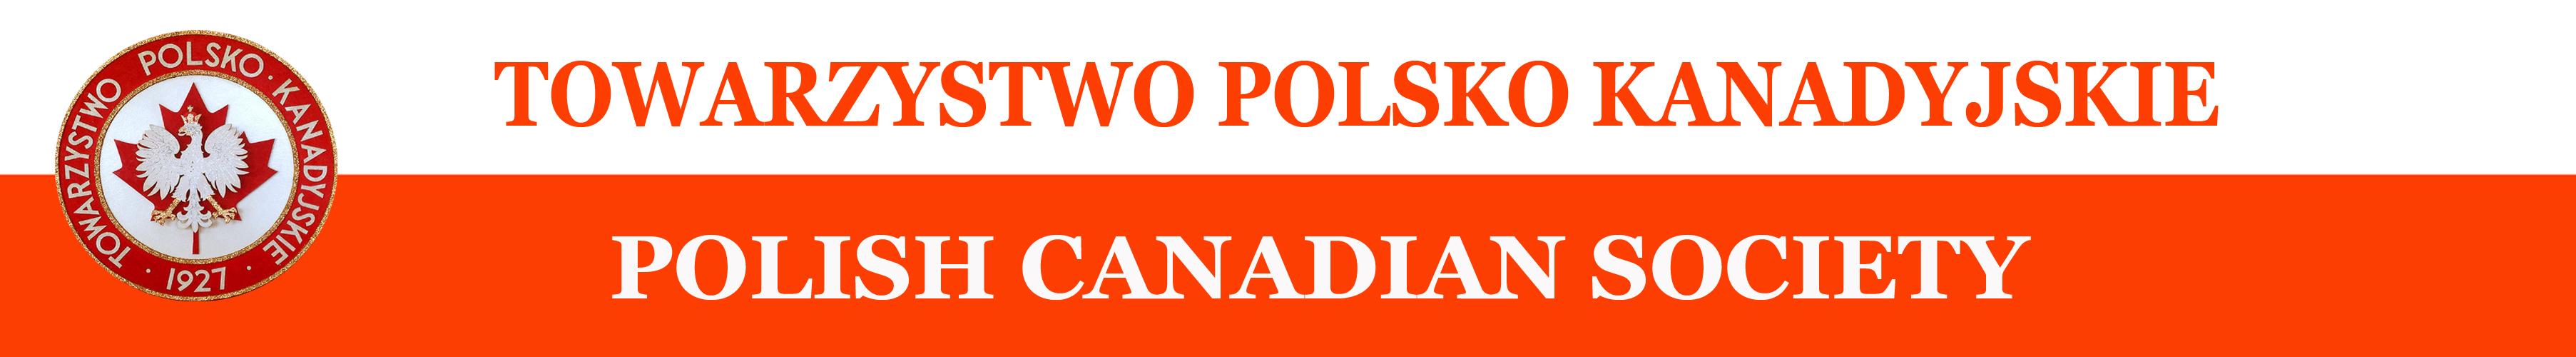 Towarzystwo Polsko Kanadyjskie